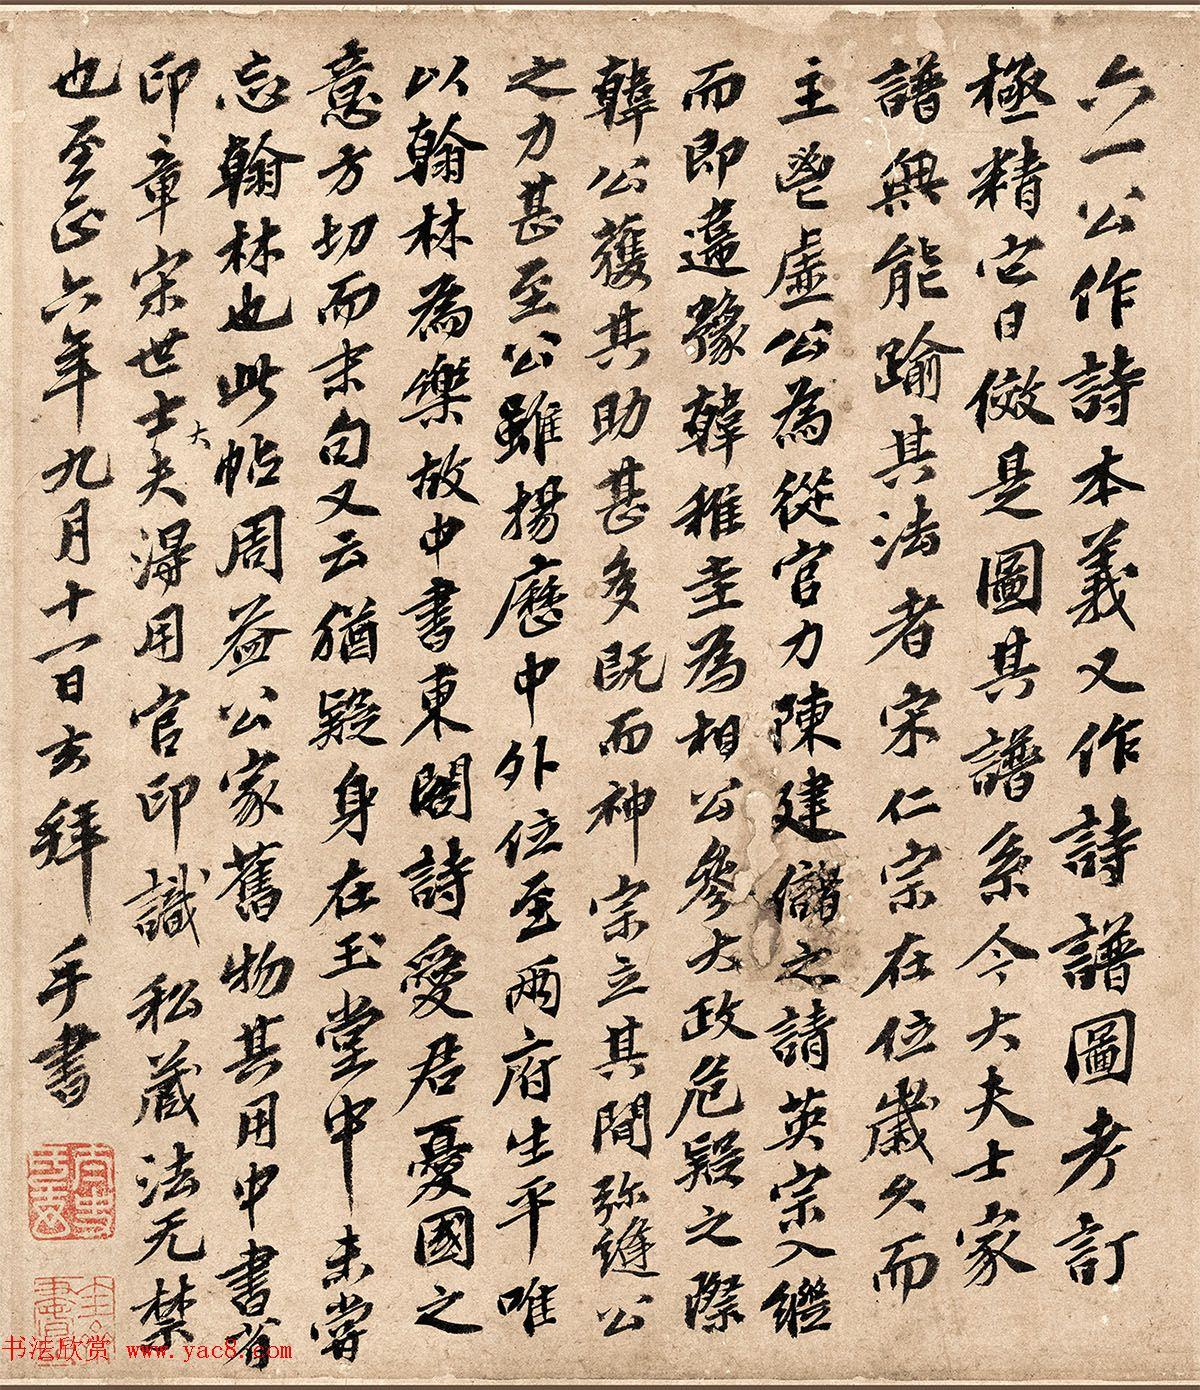 元代欧阳玄书法题跋欧阳修诗文稿